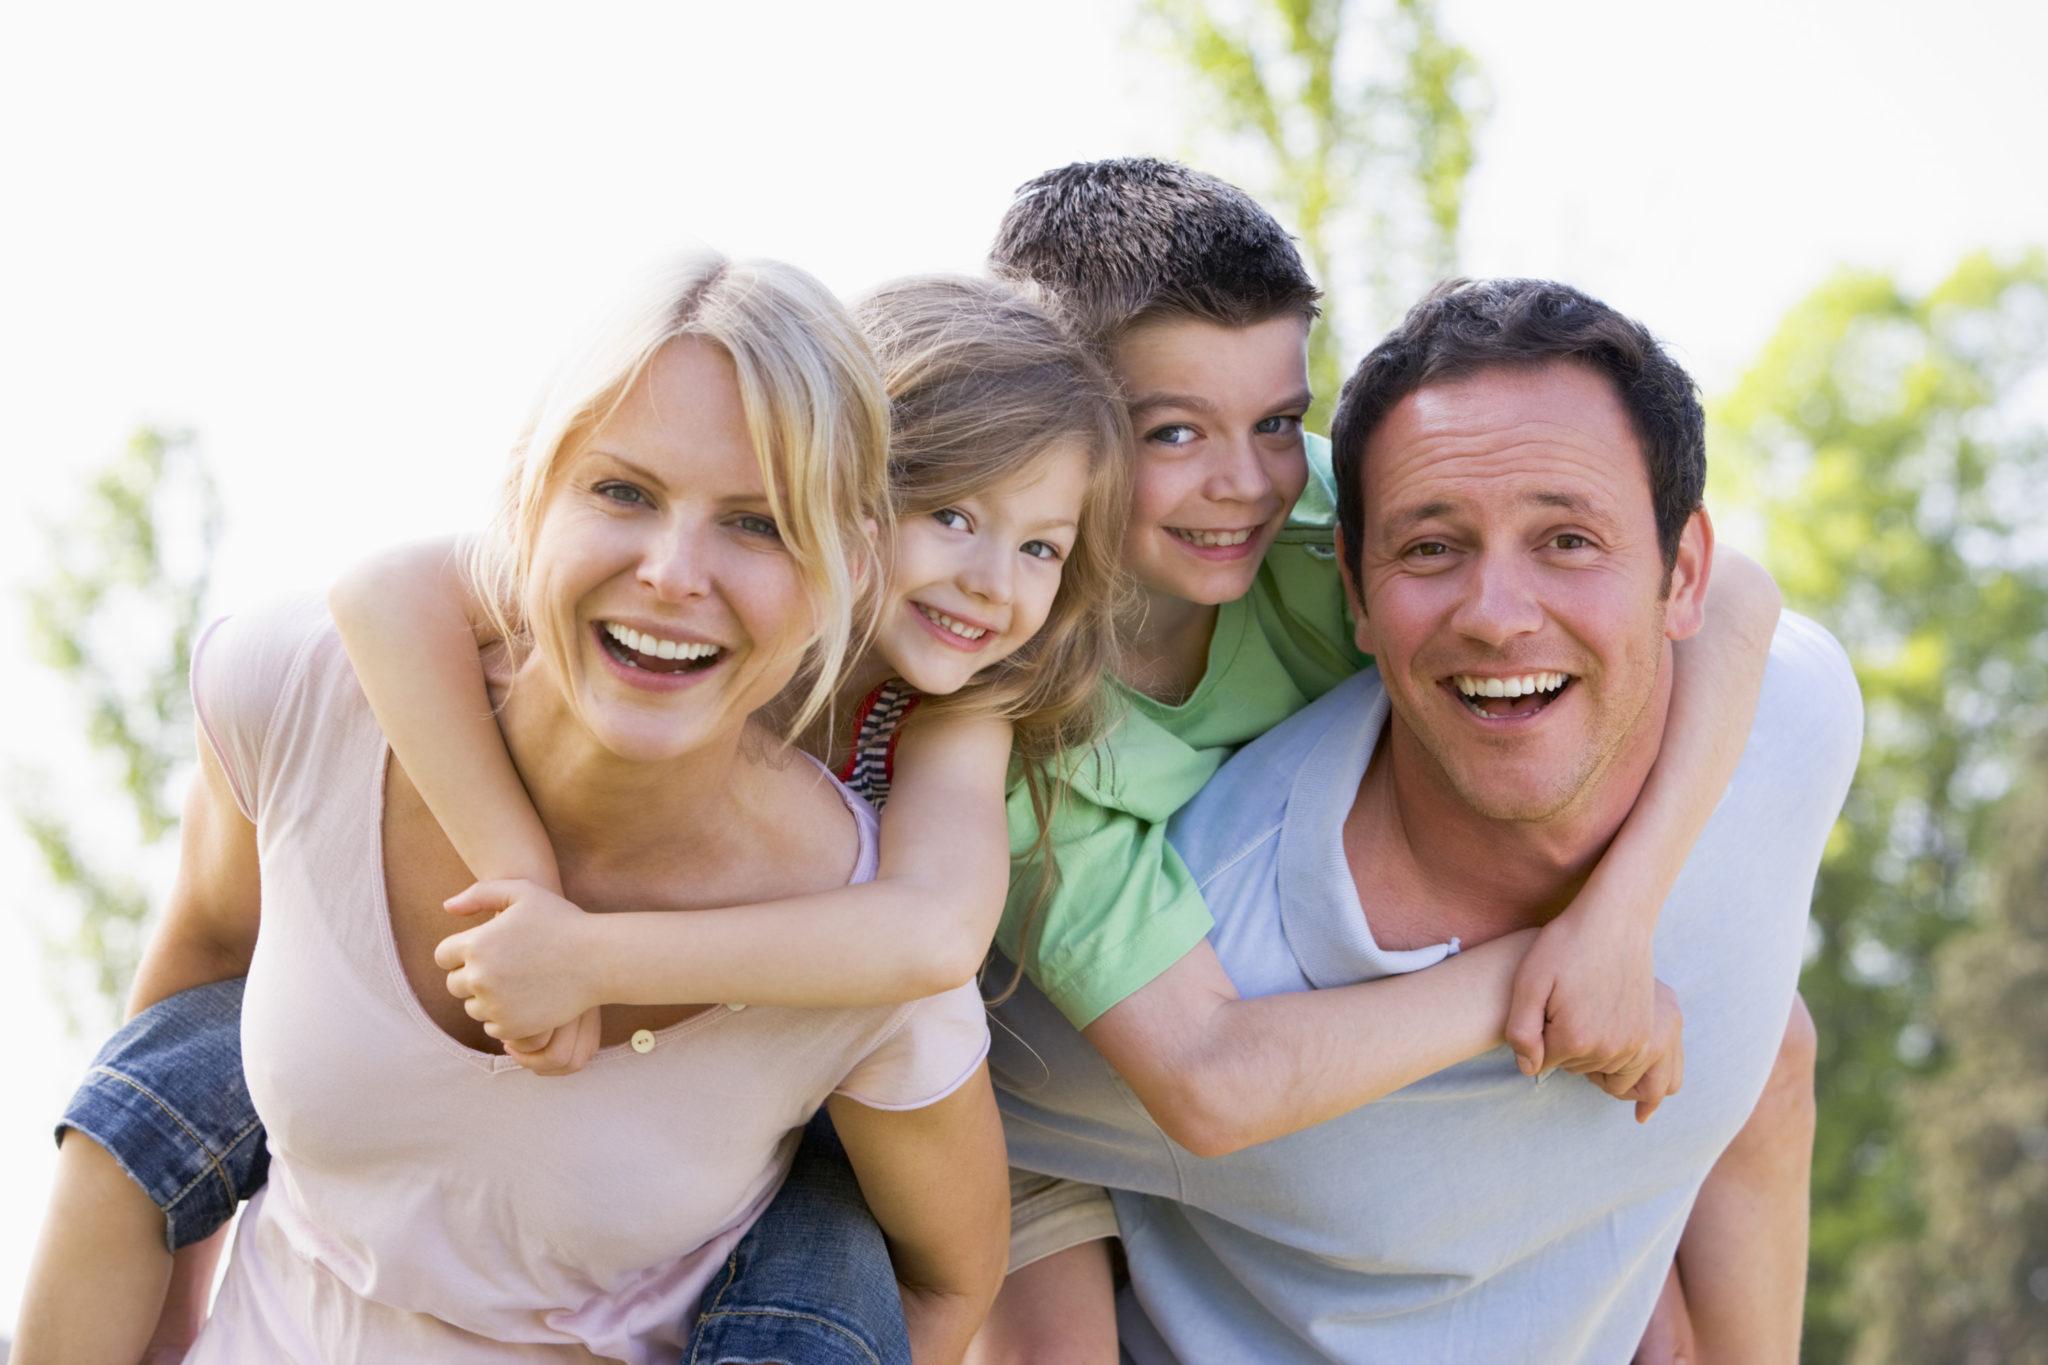 Иммунитет ребенка также зависит от переживающих эмоций и стрессов